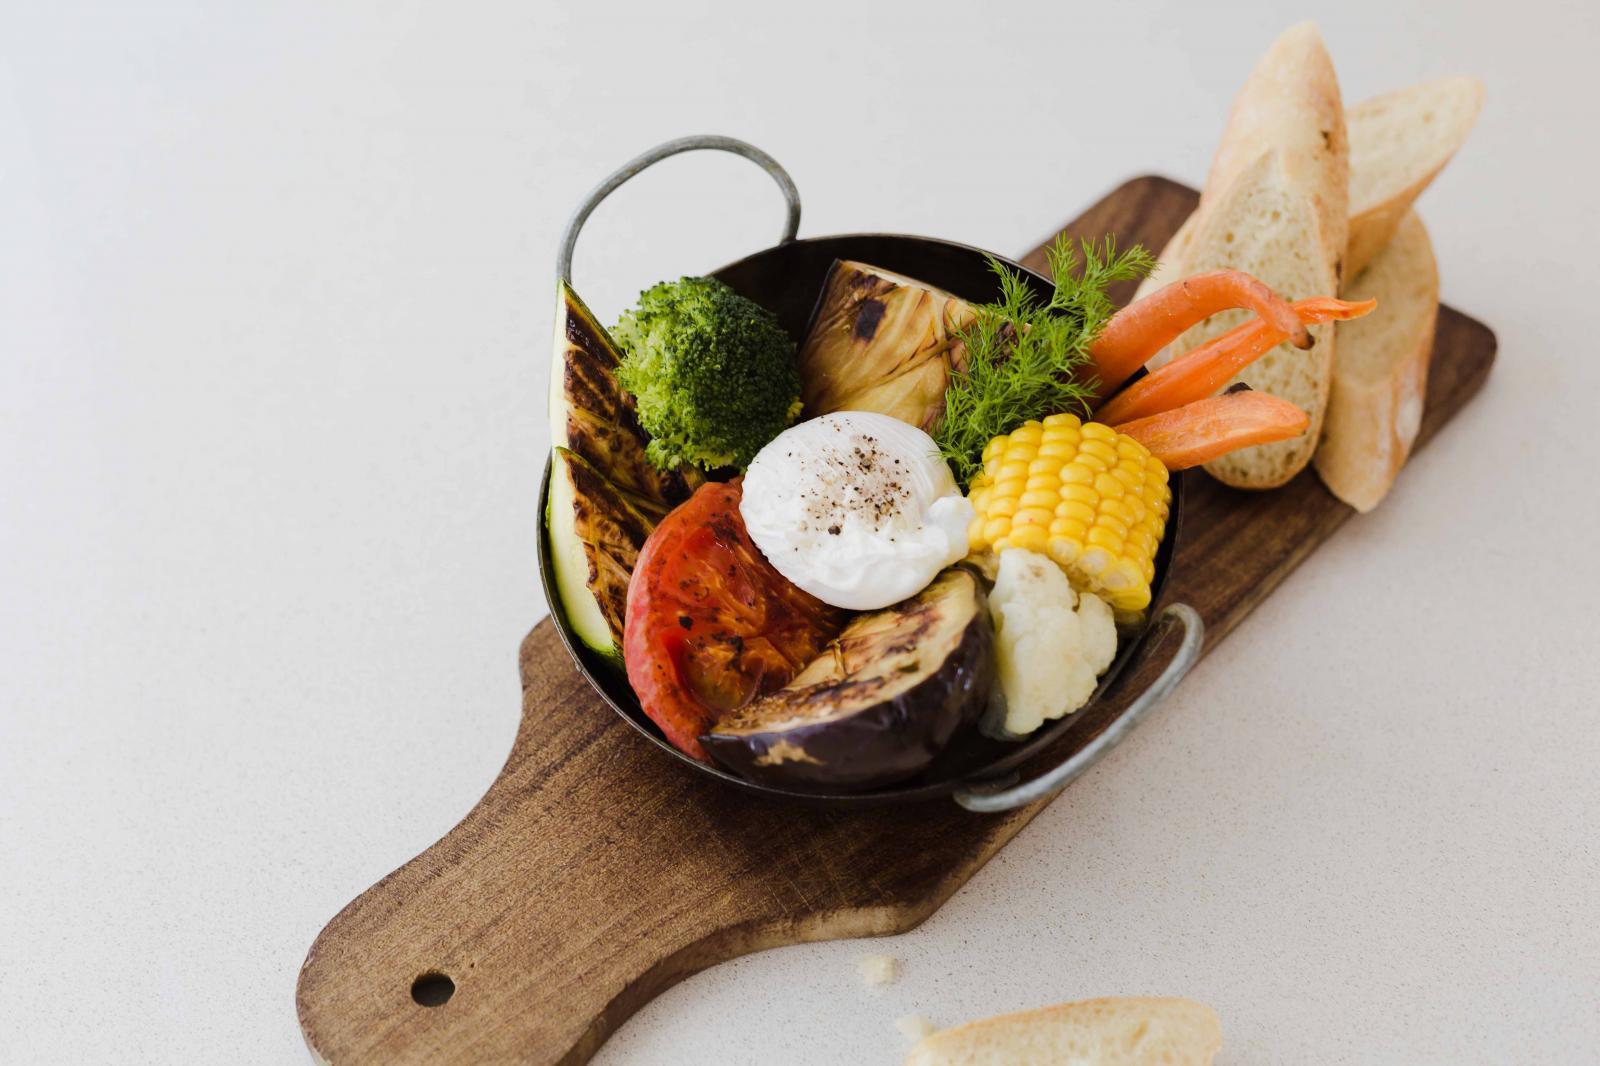 Vegetales de estación grillados , huevo poche